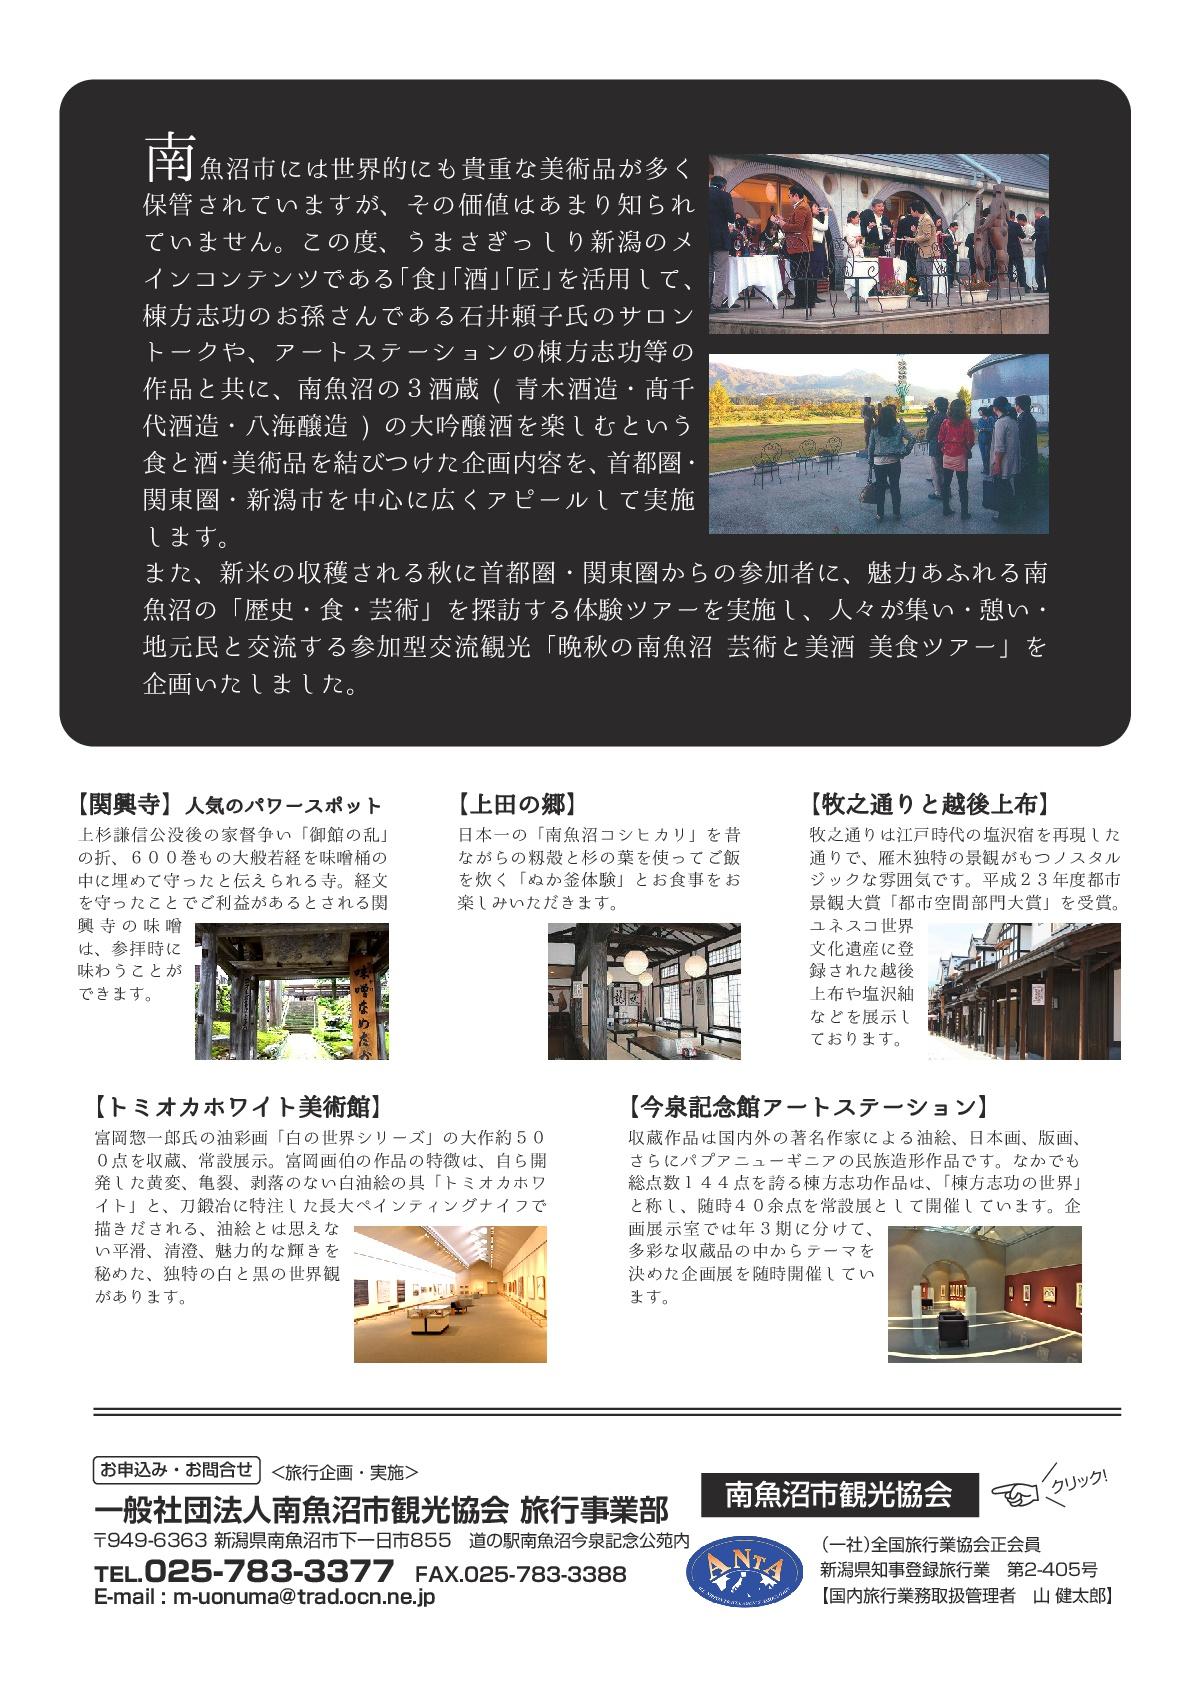 munakata_com-2